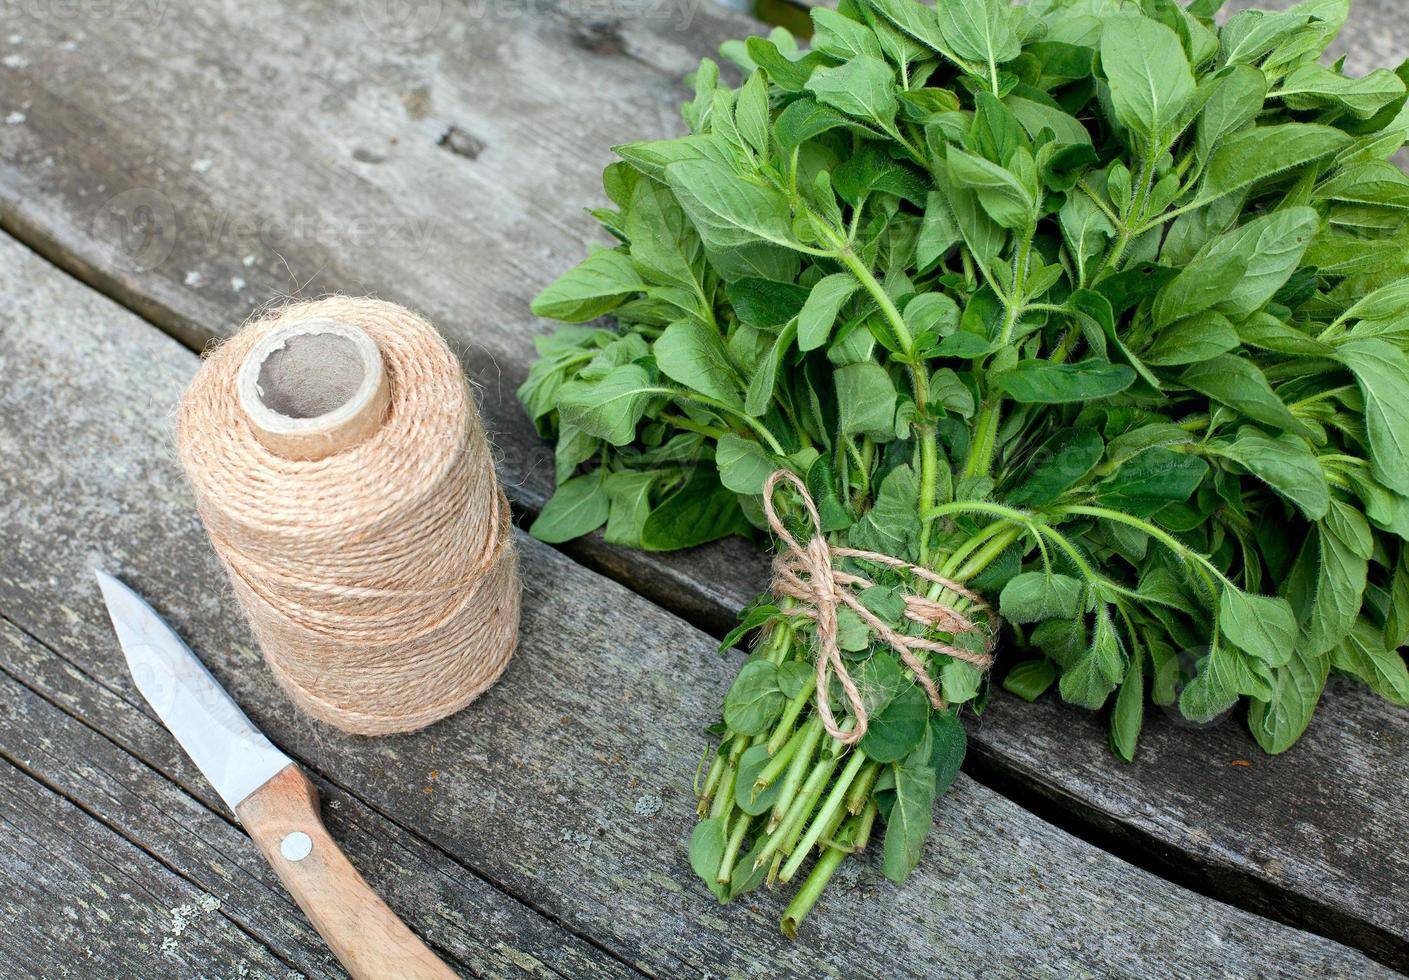 Origan lié préparé pour le séchage sur table en bois photo